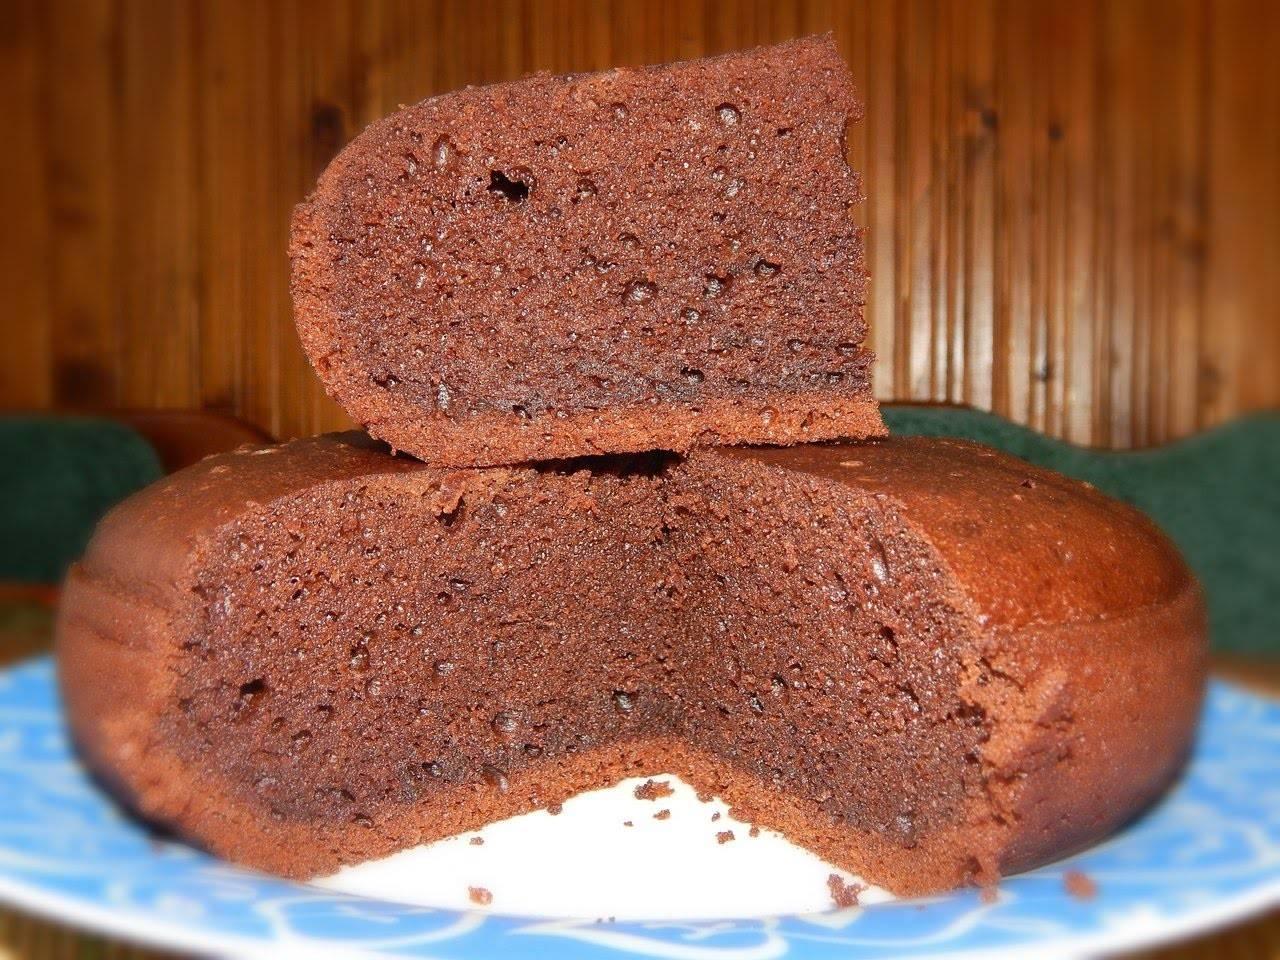 Шоколадный бисквит - лучшие пошаговые рецепты с фото и видео